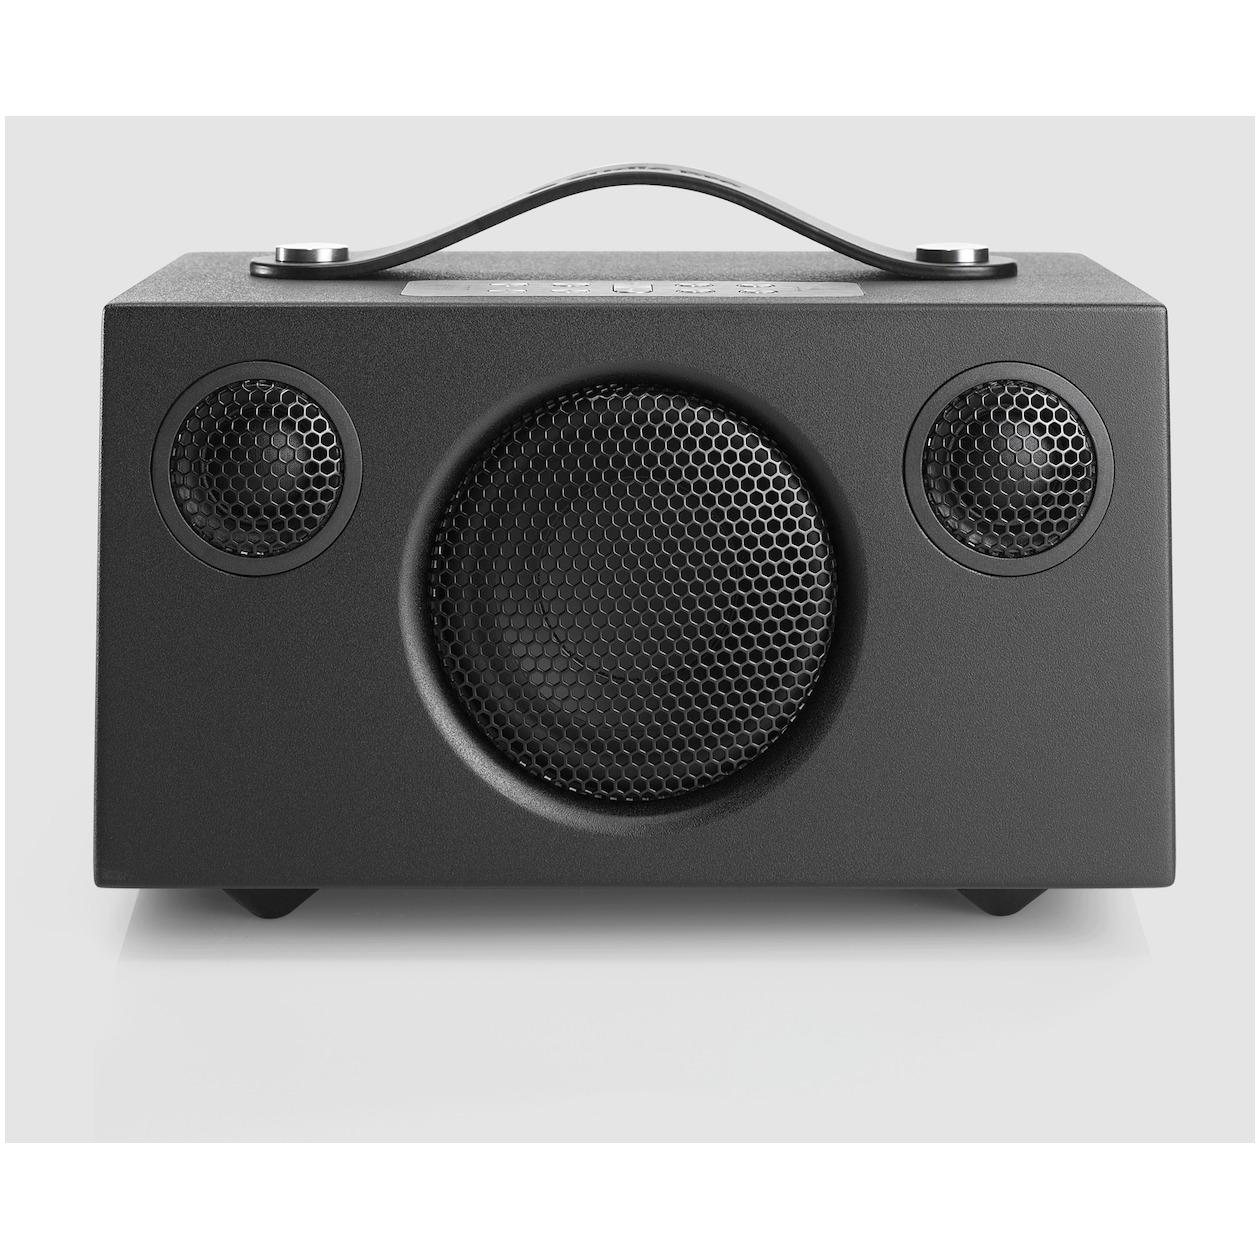 Afbeelding van Audio Pro wifi speaker C3 zwart